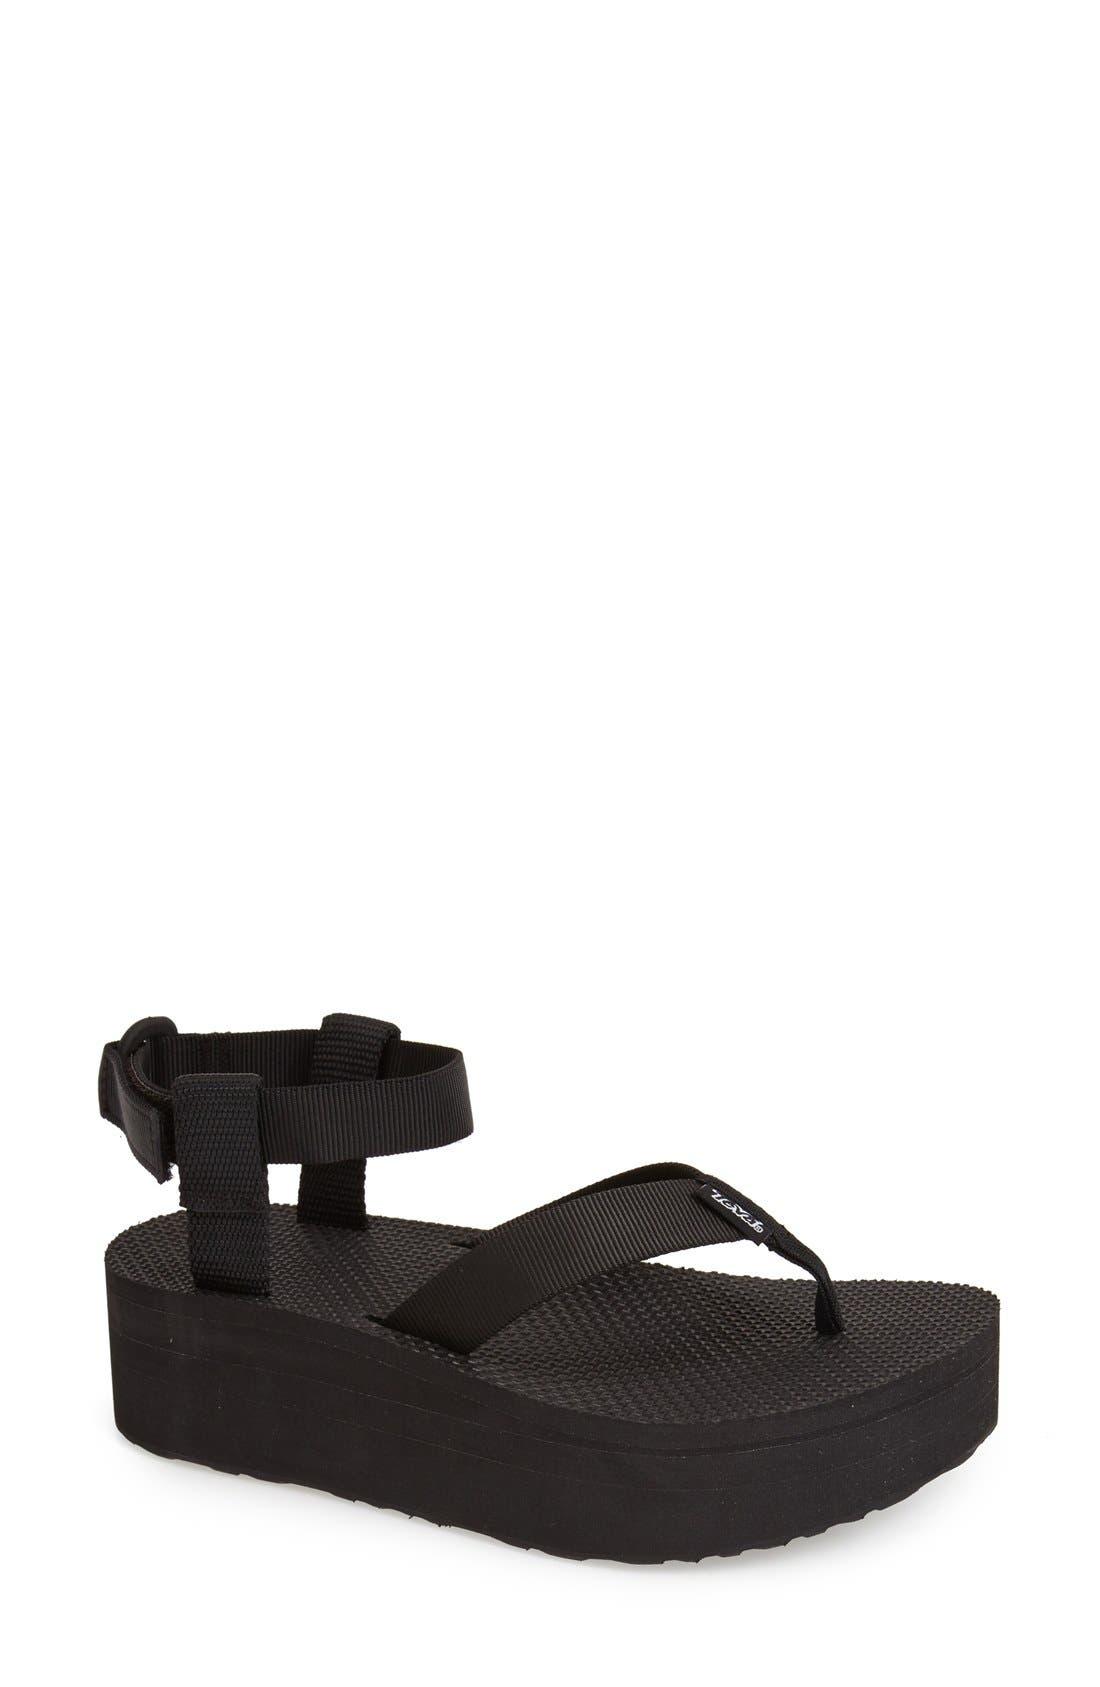 TEVA 'Original' Flatform Sandal, Main, color, 001